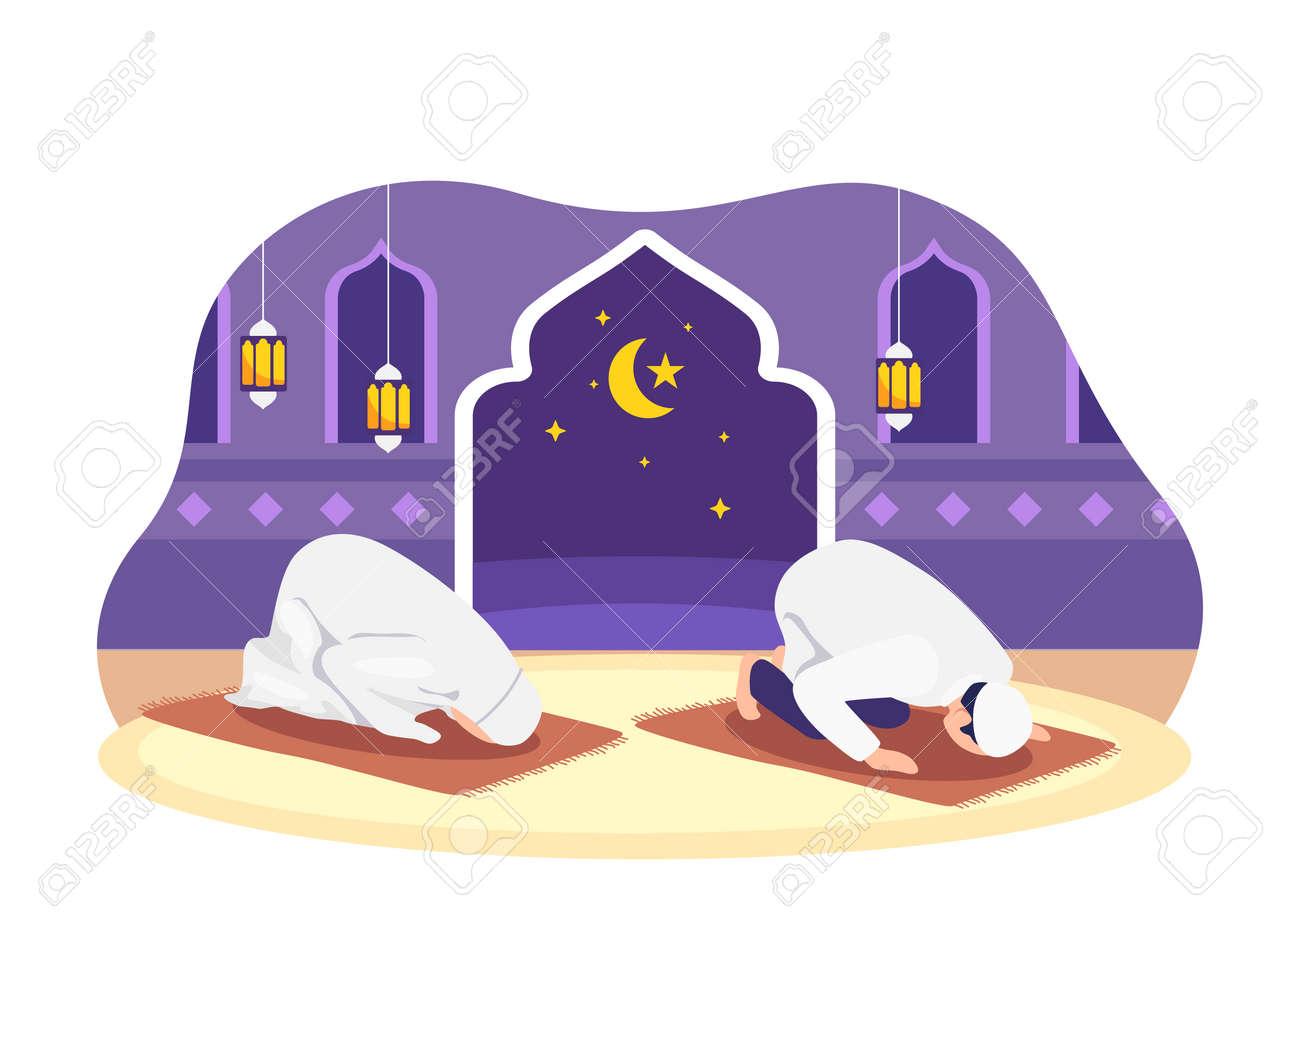 Muslim people tarawih prayer in congregation. Muslim Perform taraweeh prayer night during ramadan. Prayers in congregation at home. Vector in flat style - 168304453